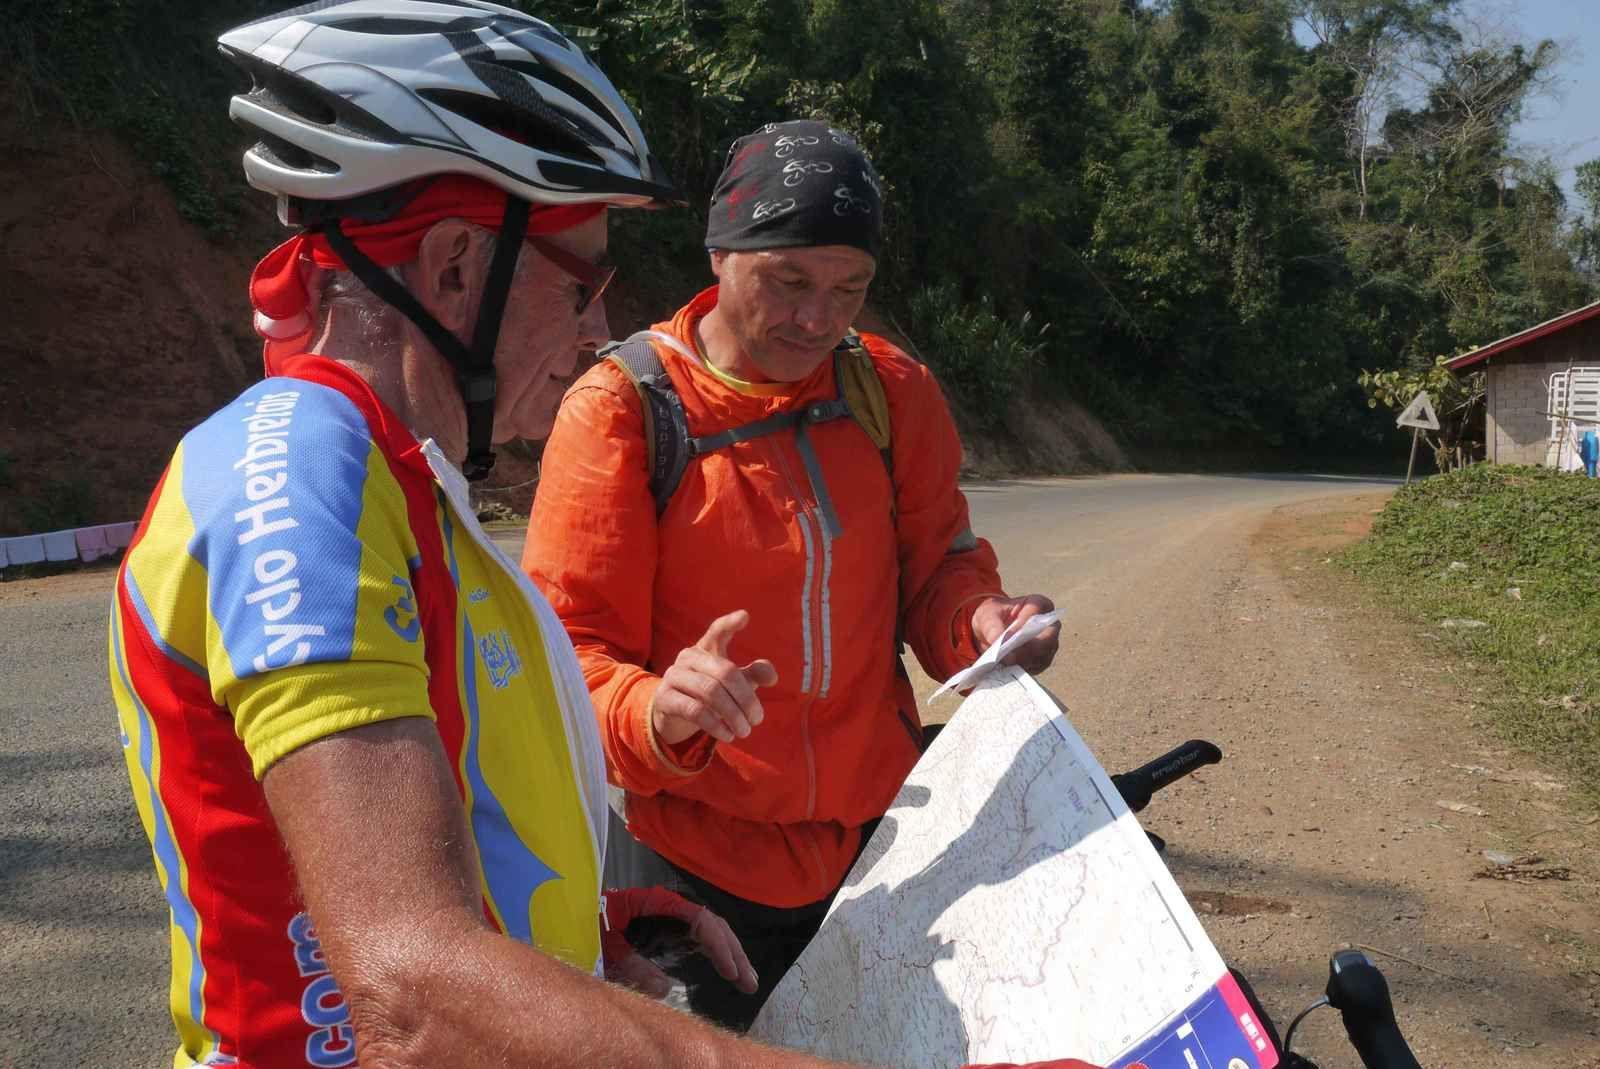 Devant la carte, en pleine discussion avec Yann, un tchèque. Il nous dissuade d'aller à Luang Namtha. Pour lui il y a mieux à faire en s'arrêtant un peu plus dans les dernières étapes du Laos